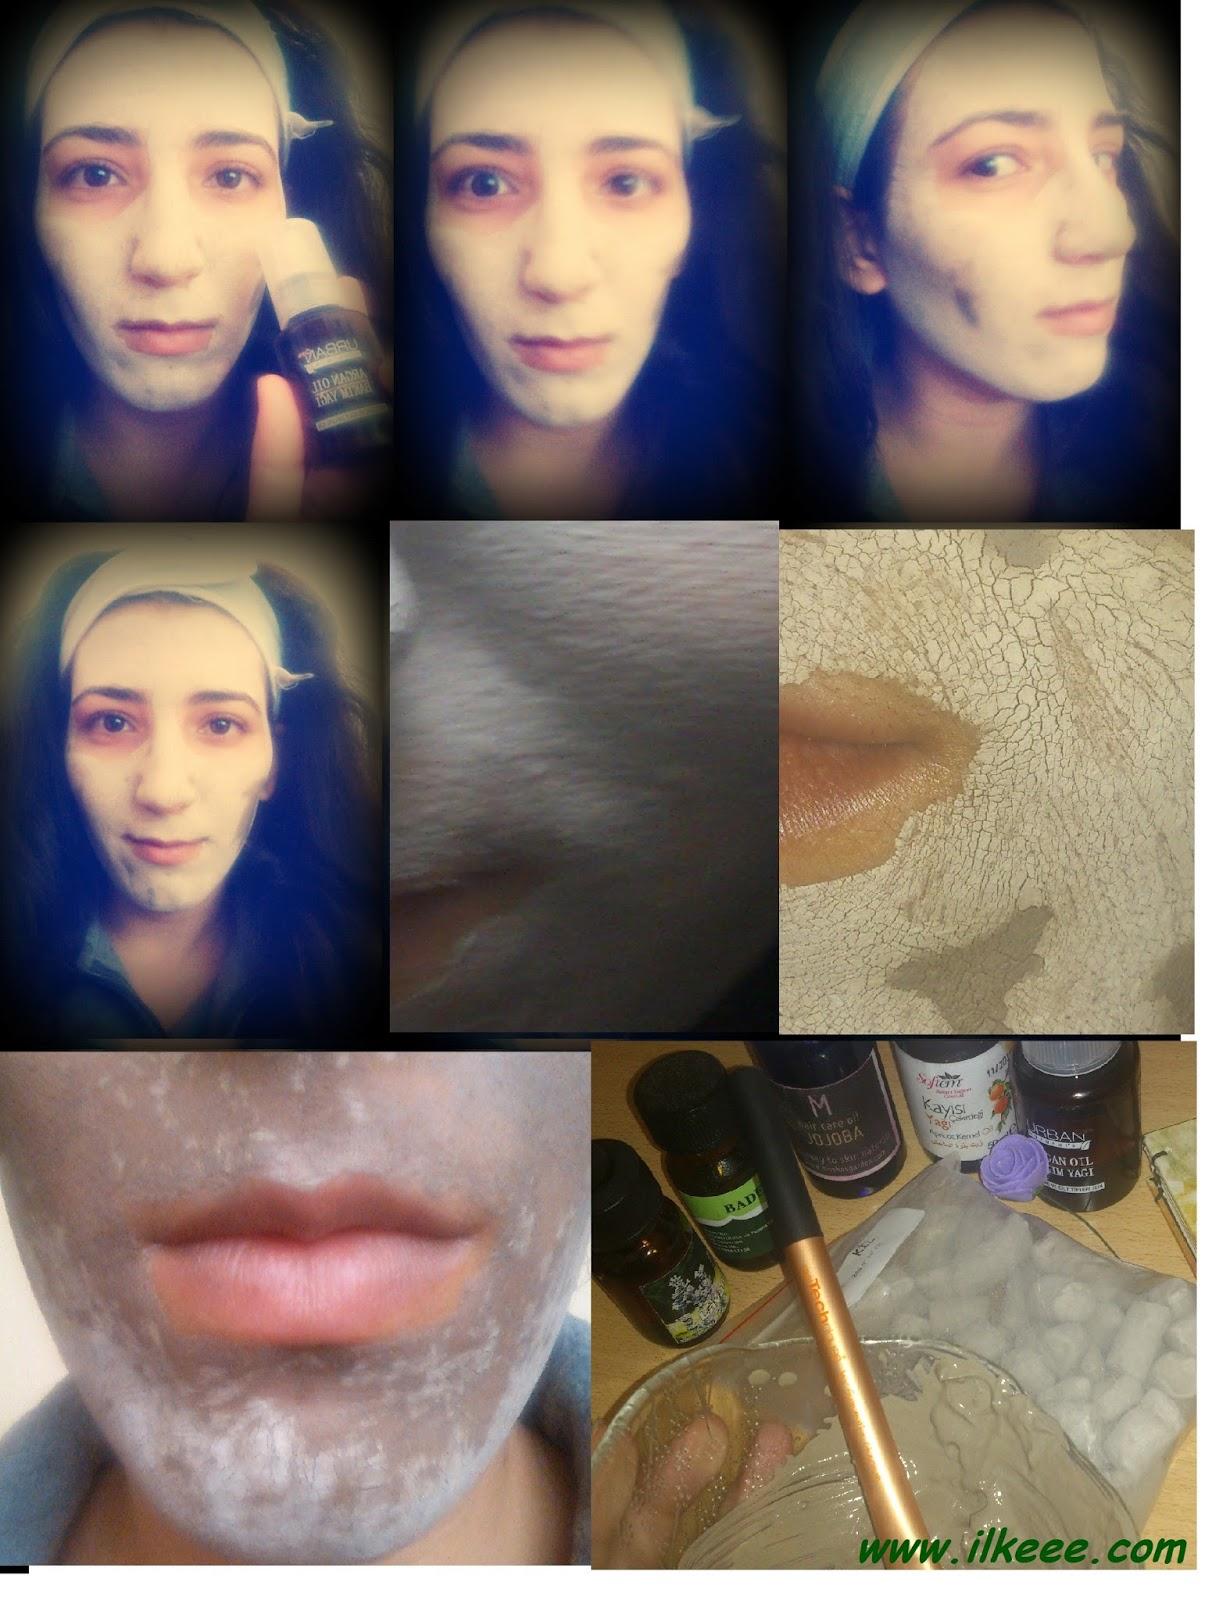 Kil Maskesi - Kil Maskesi Tarifi - Sivilce ve Leke Geçiren Maskeler - Jojoba Yağı - Argan Yağı - Lavanta Yağı - Badem Yağı - Kayısı Yağı - Yağlı Ciltlere Maske - Süt Maskesi - Ölü Deriyi Ciltten Uzaklaştırma Yöntemi